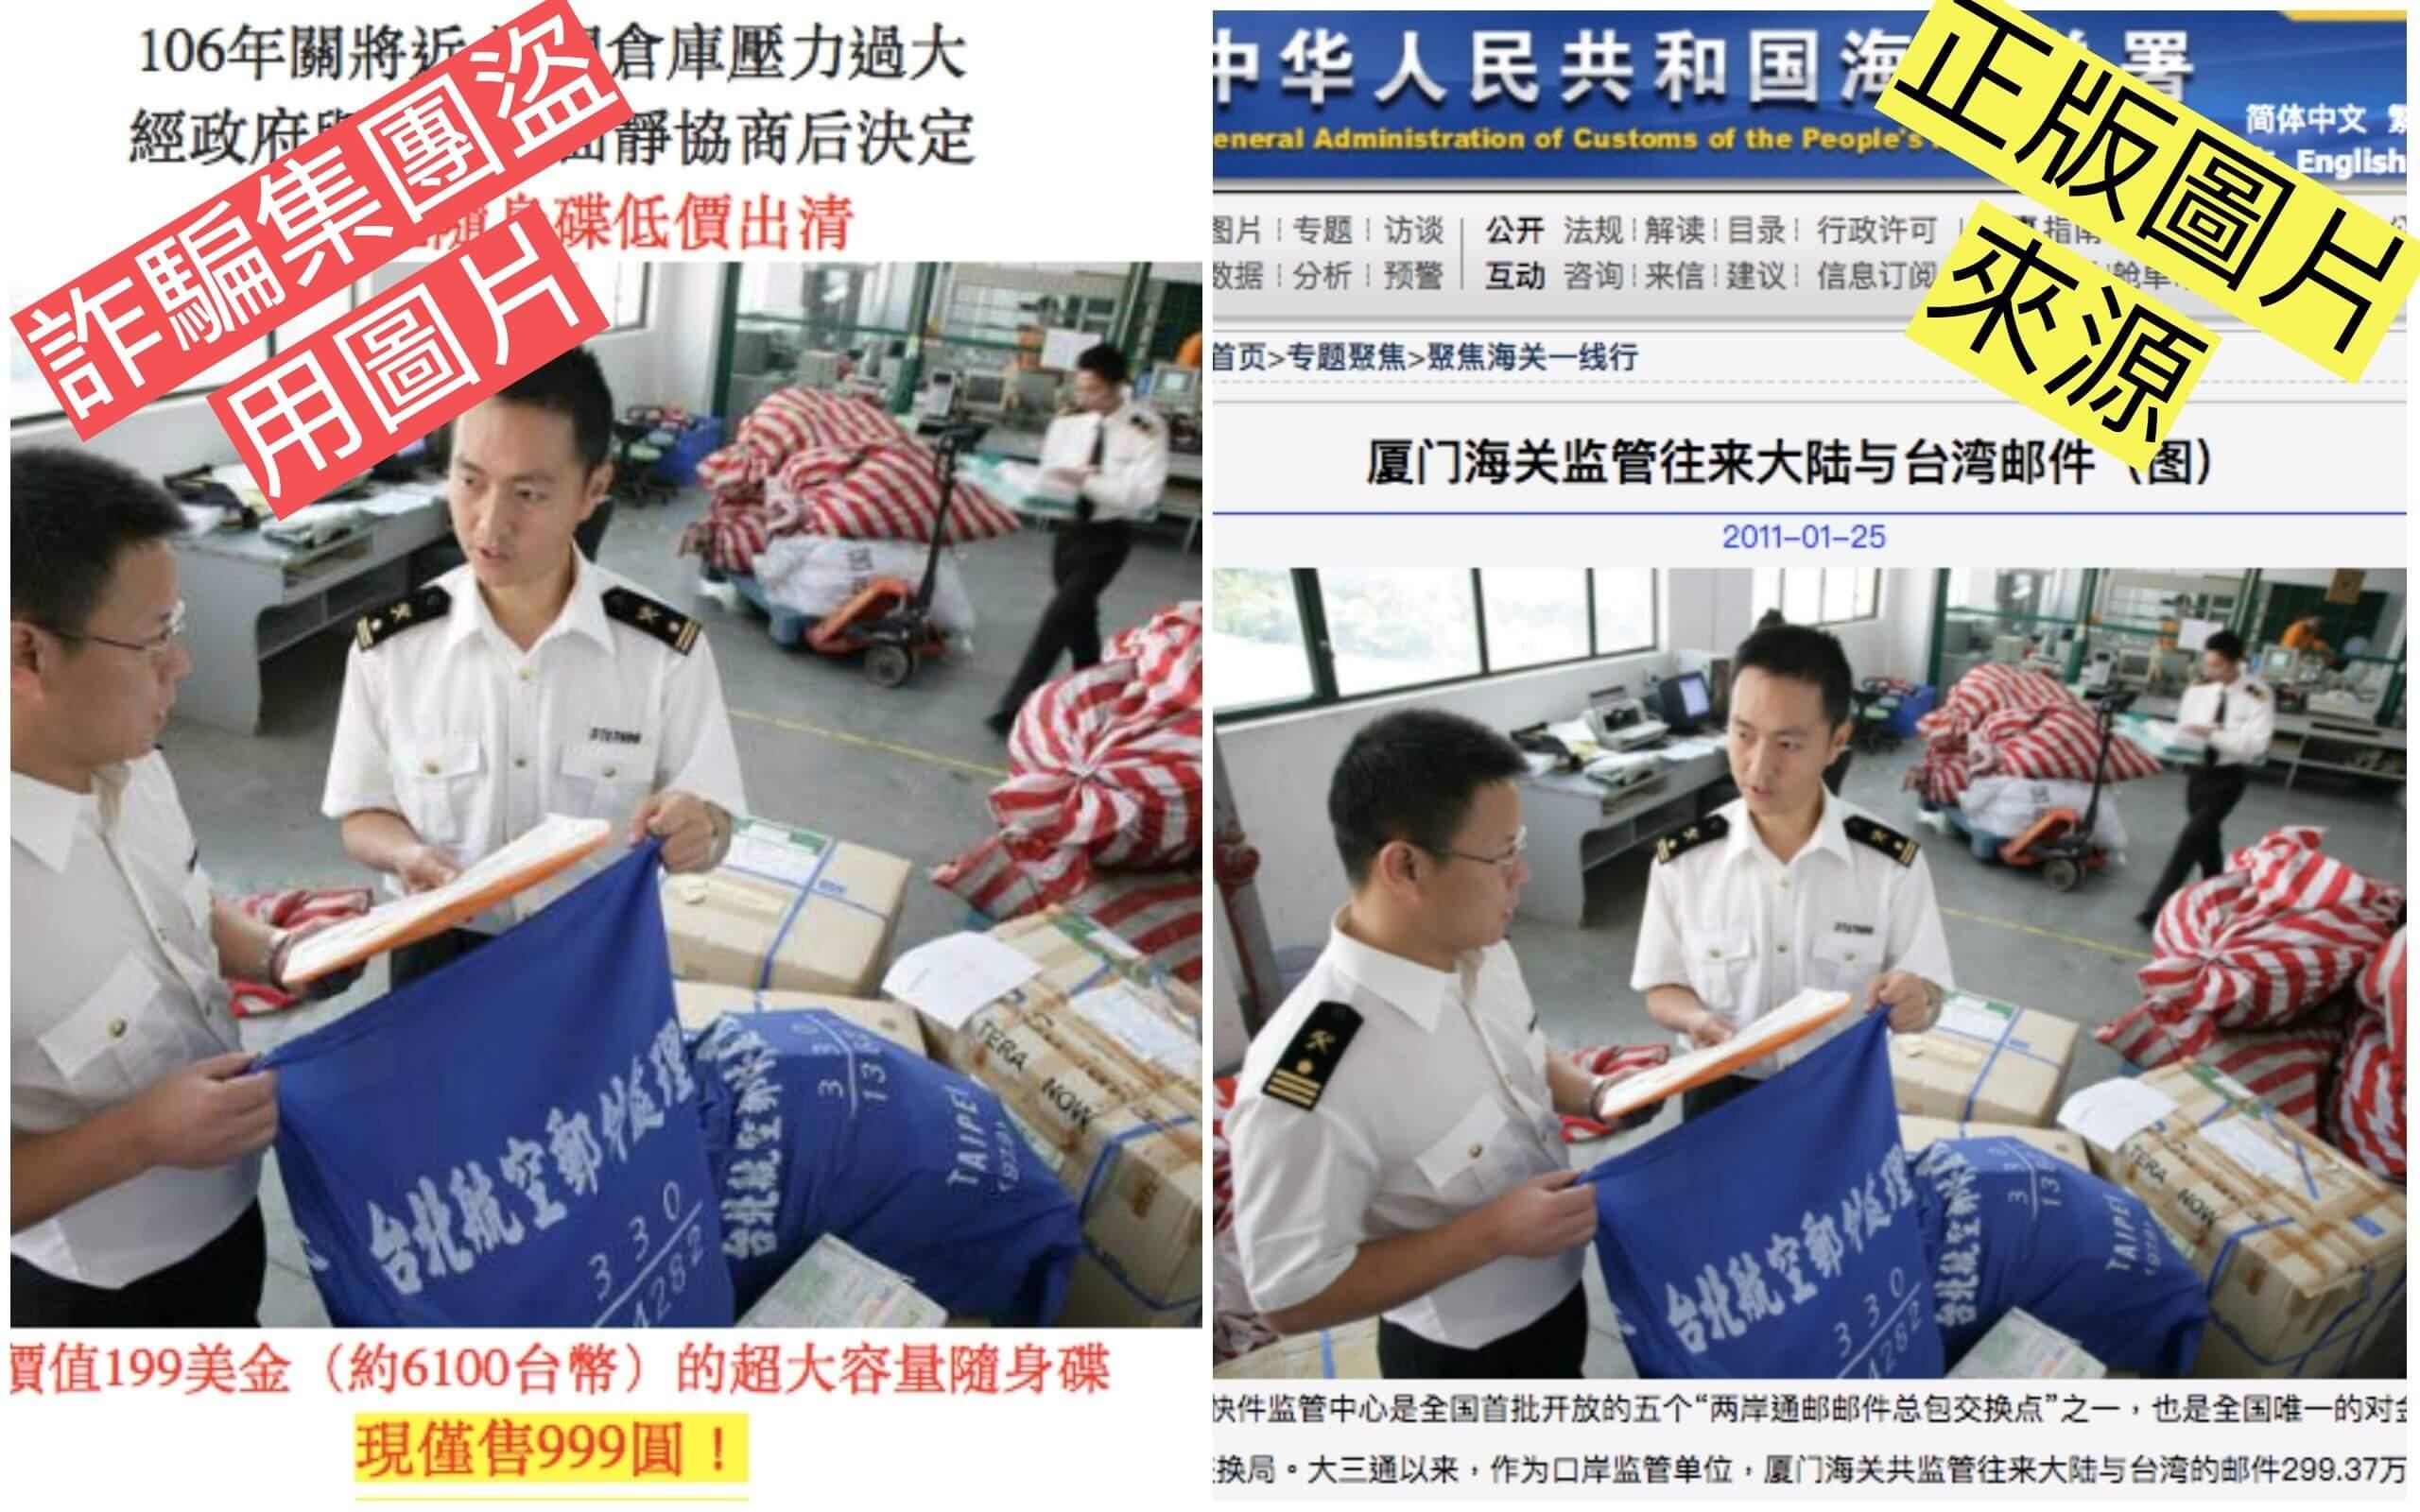 左圖為詐騙購物網站「海關拍賣網」盜用的圖片,右圖為圖片真正的來源。